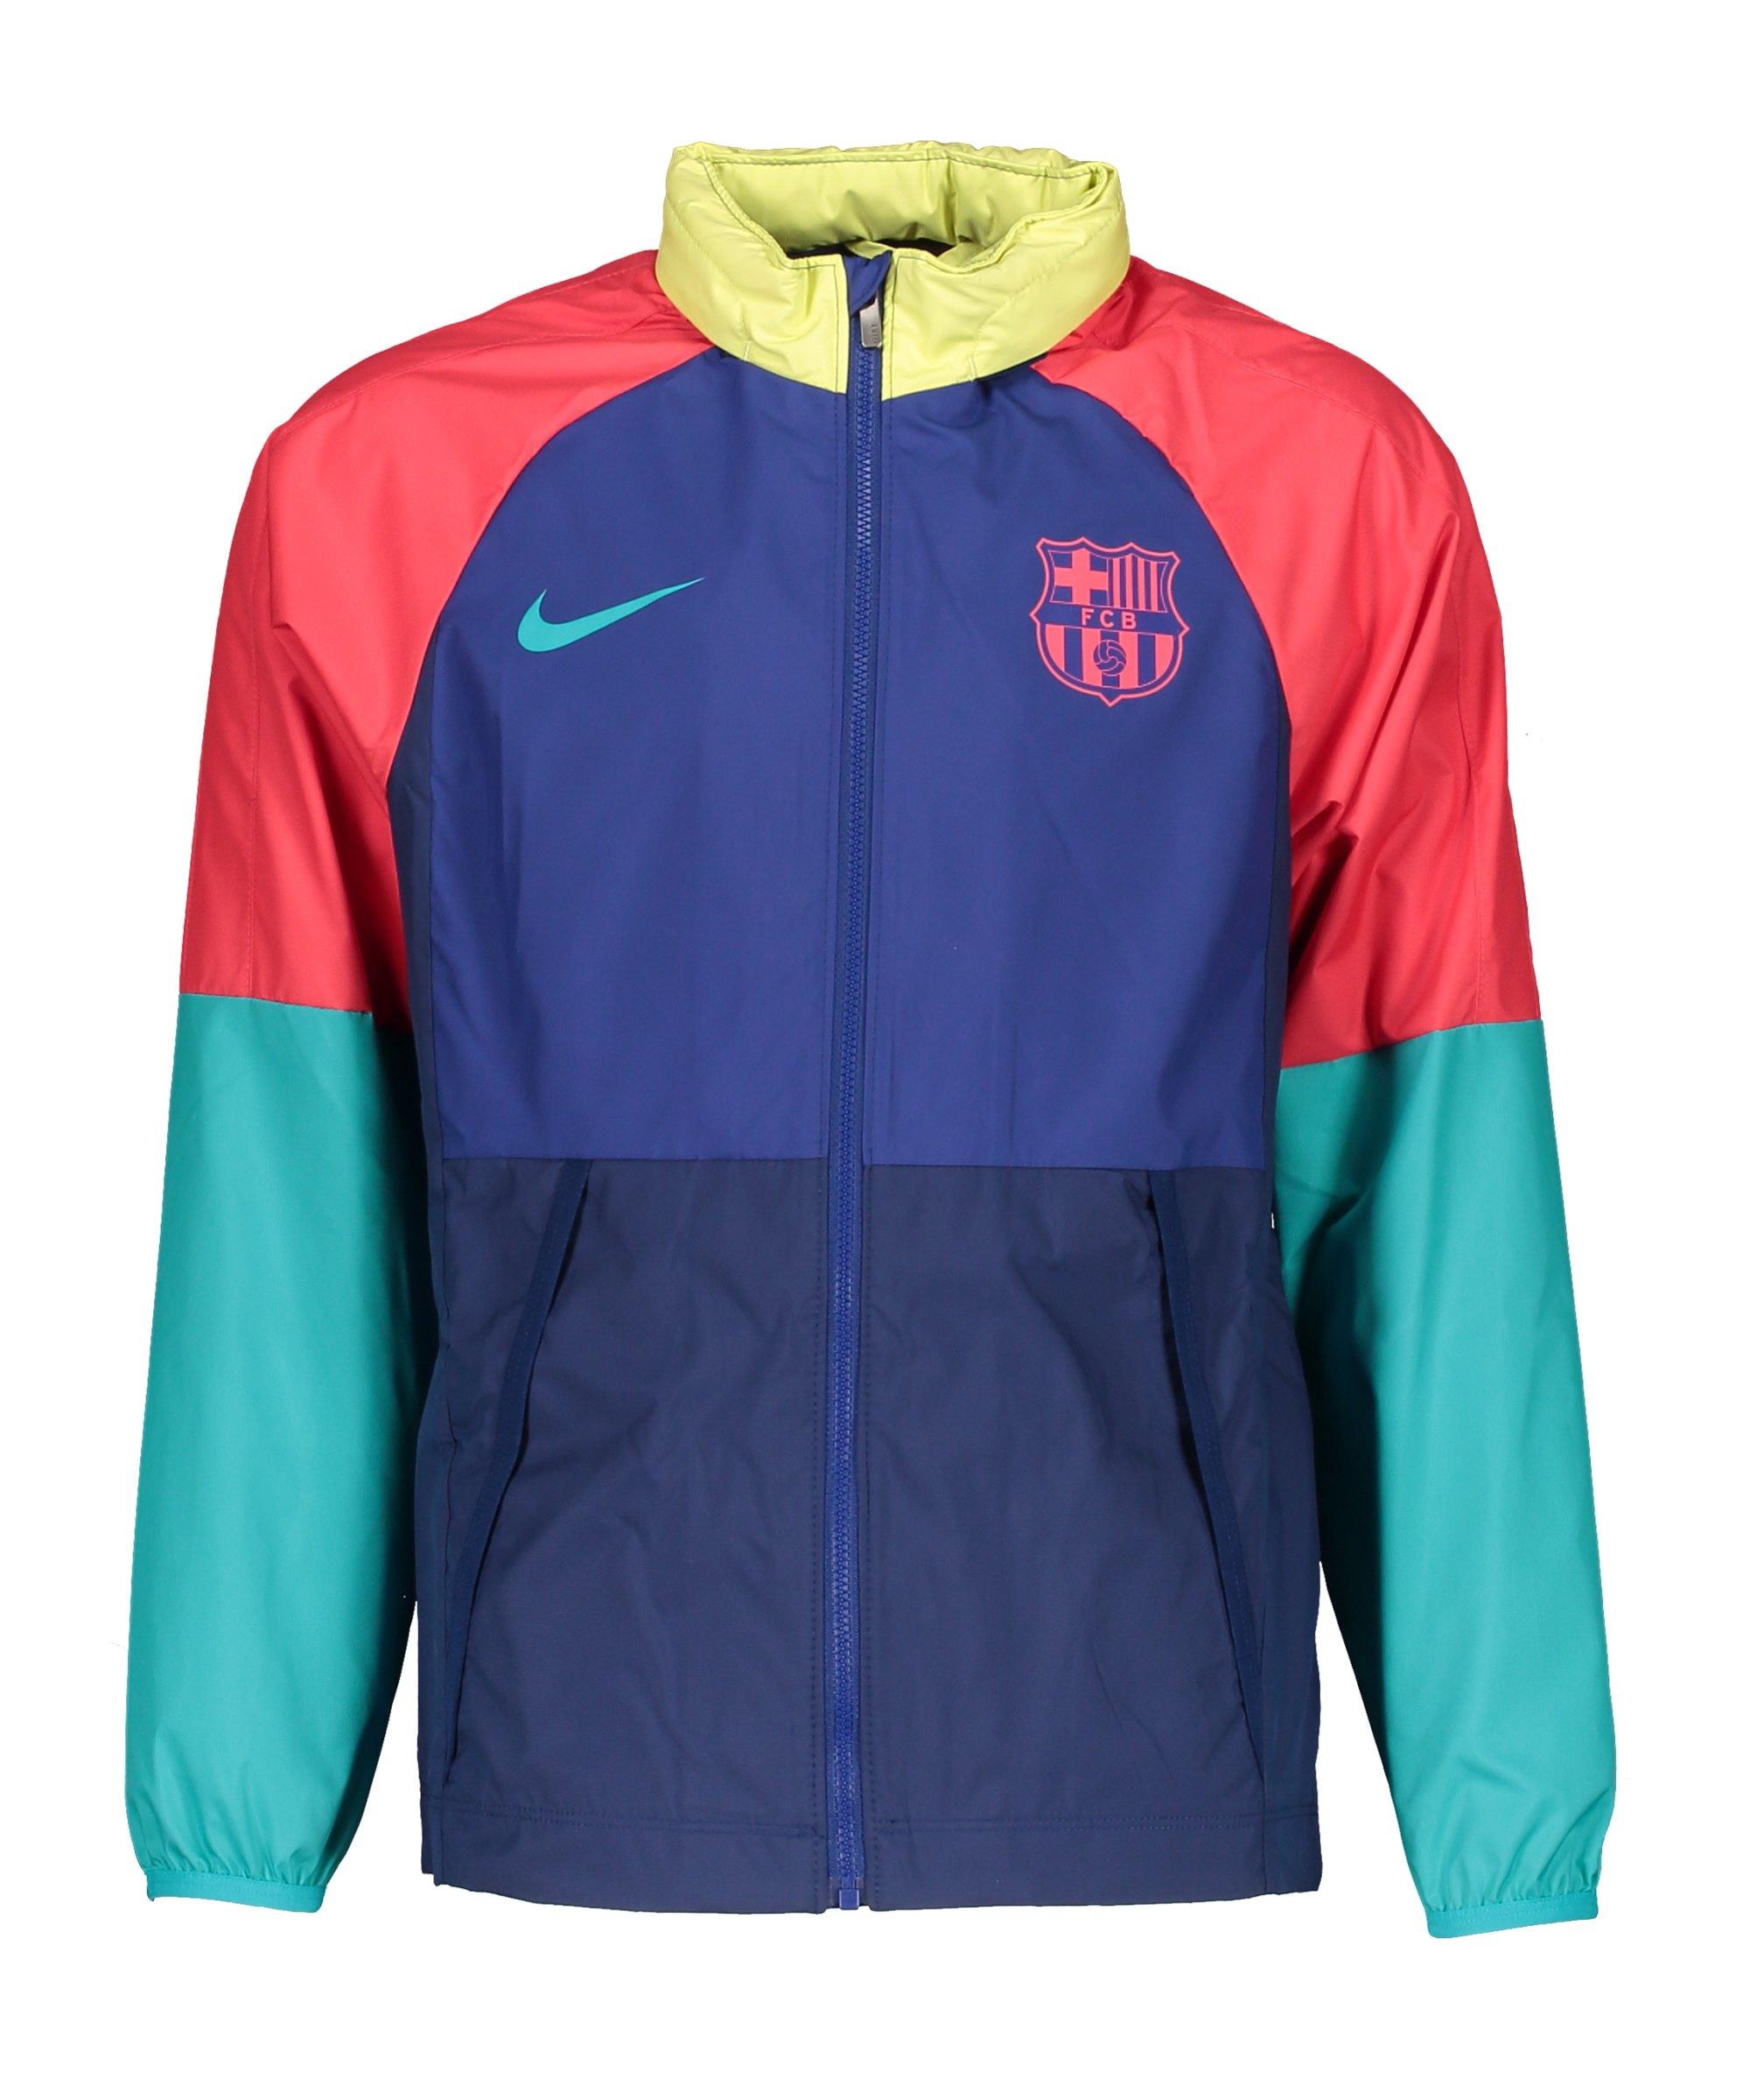 Nike FC Barcelona Allwetterjacke Kids Blau F455 - blau